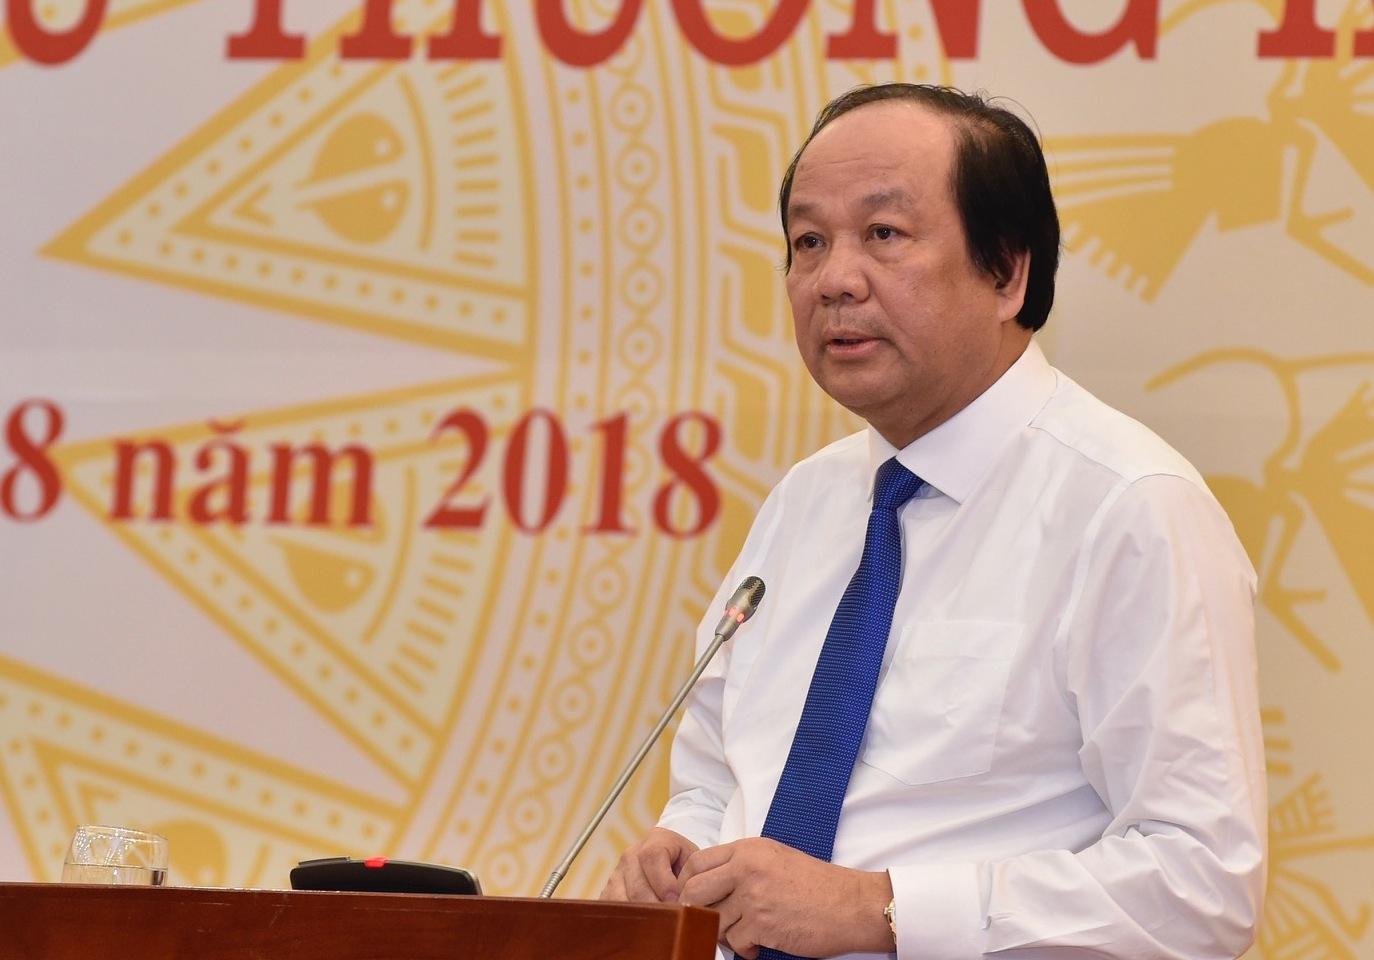 CHIỀU NAY: Bộ trưởng, Chủ nhiệm VPCP chủ trì họp báo về Nghị quyết 68/NQ-CP